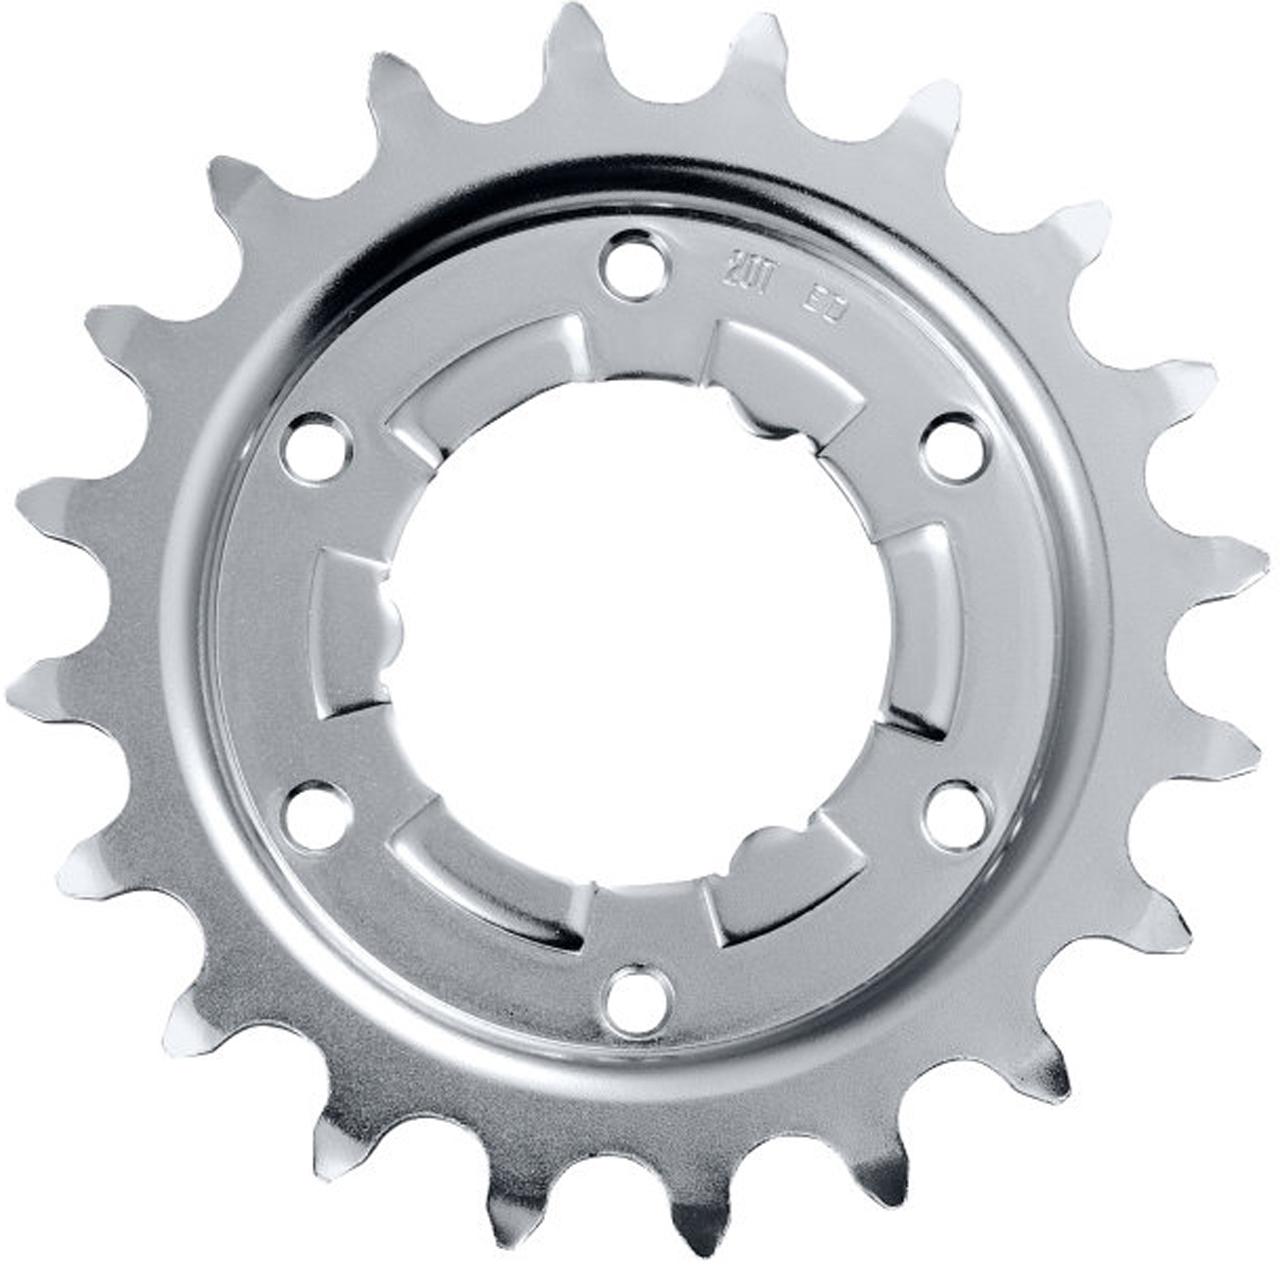 Fahrradteile & komponenten Kassetten, Zahnkränze & Ritzel